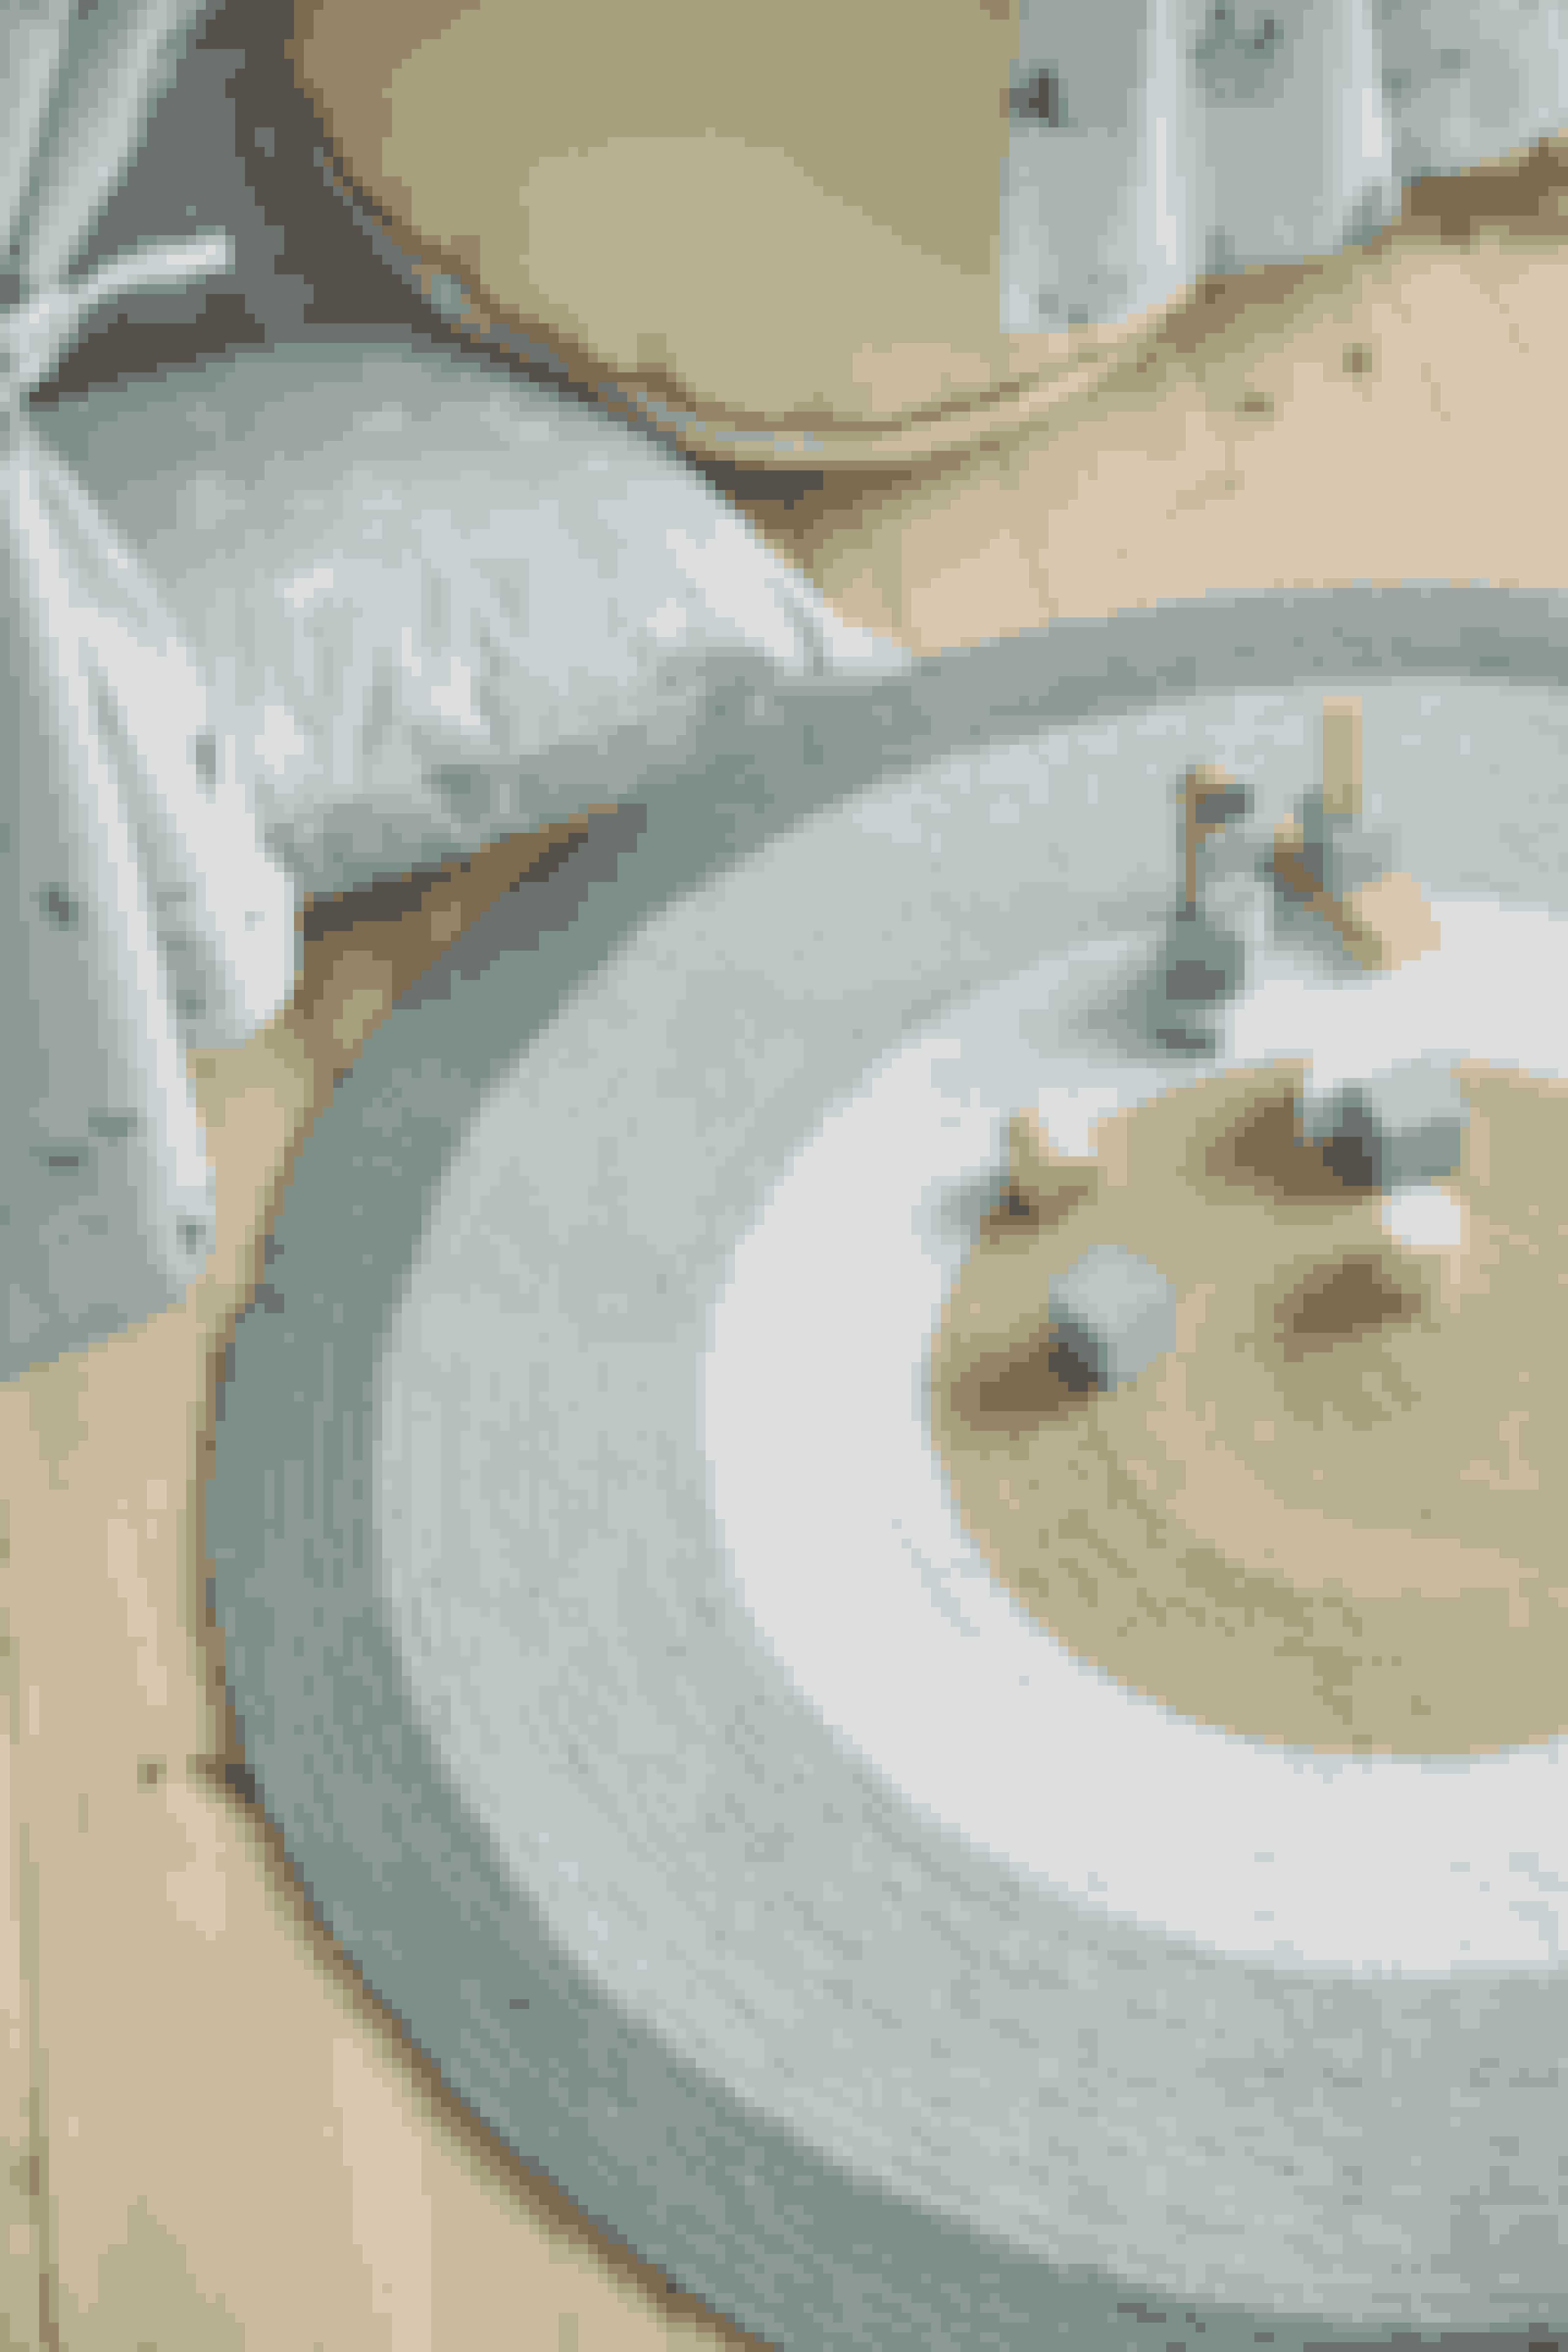 Skab et blødt underlag, dine børn kan lege på med dette legetæppe, som findes i to forskellige farver. Pris: 124 kr.